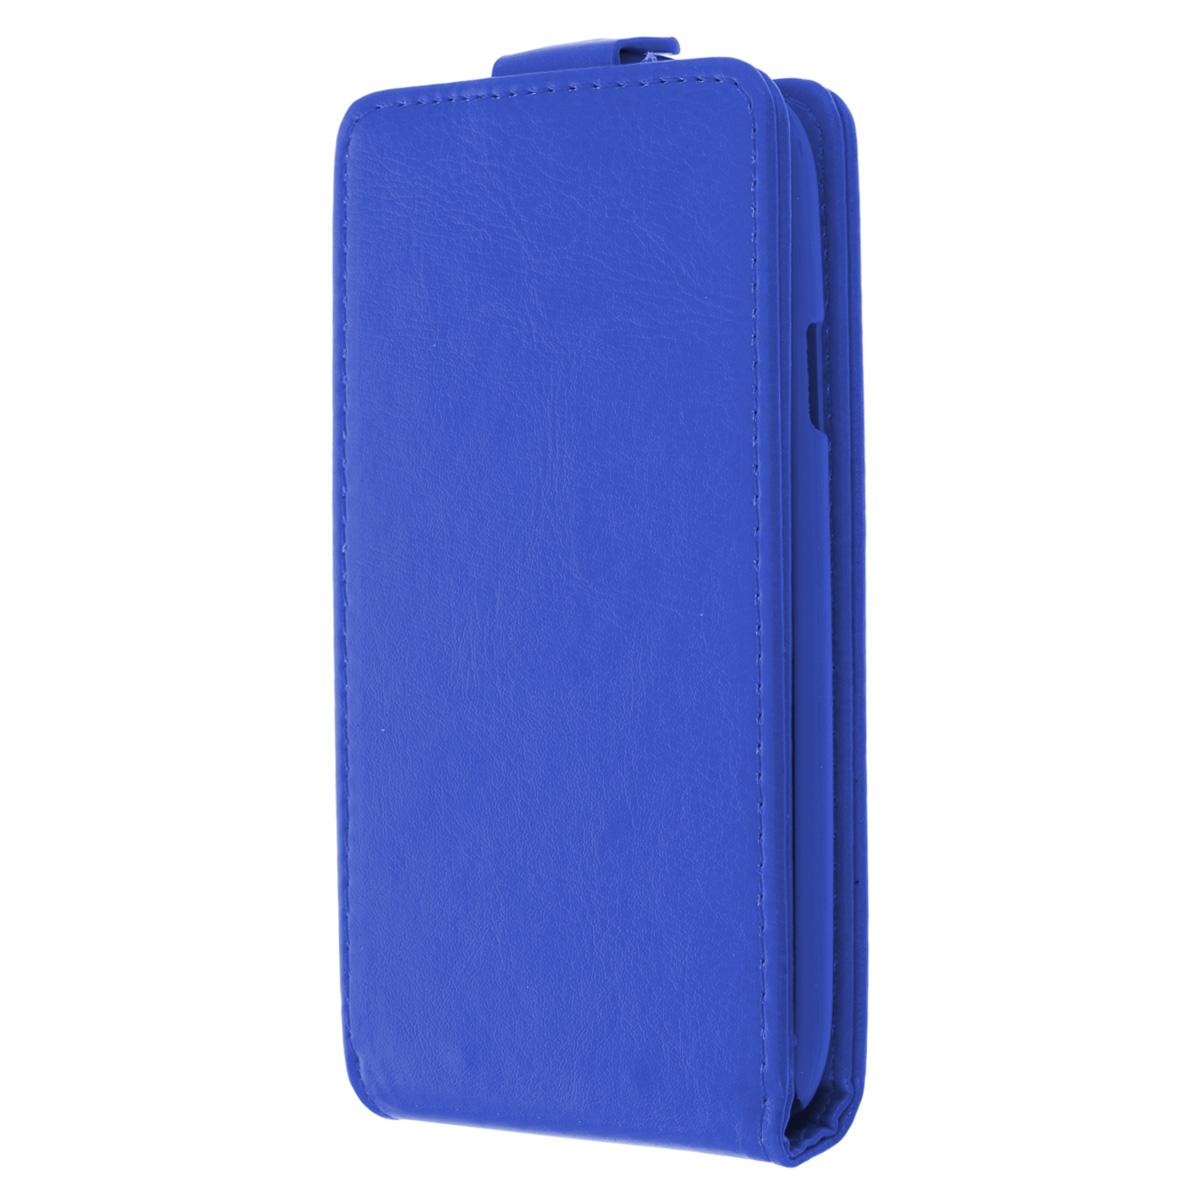 Skinbox Flip Case чехол для Samsung Galaxy S5, BlueT-F-SGS5Флип-кейс Skinbox для Samsung Galaxy S5 обеспечивает надежную защиту смартфона и надежно оберегает его от механических повреждений. Чехол выполнен из искусственной кожи высокого качества с жесткой основой из прочного пластика, а форма открывает свободный доступ ко всем разъемам и элементам вашего устройства.